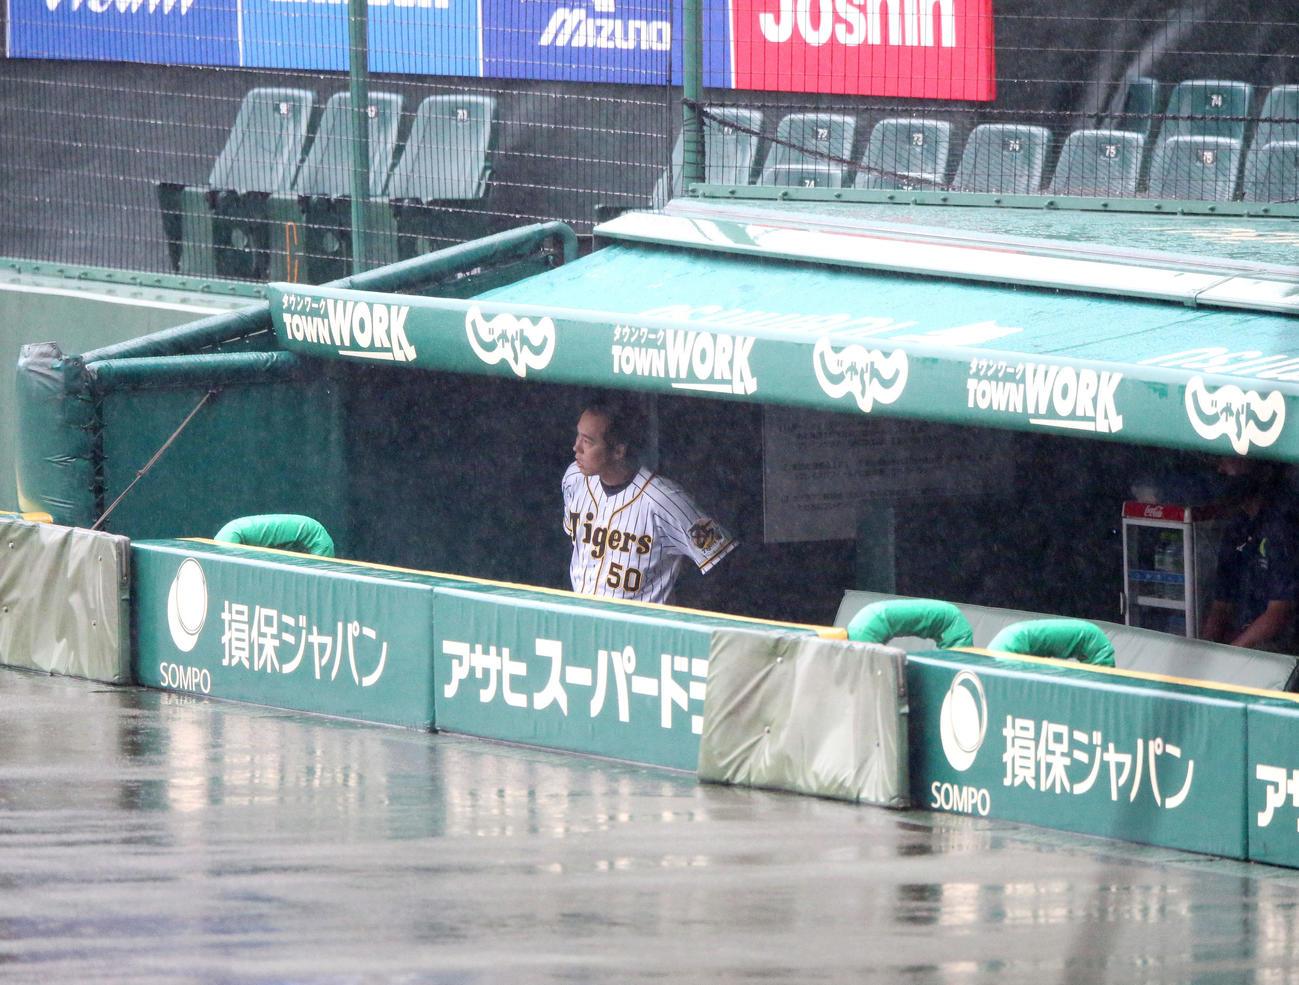 突然の雨で水浸しとなったグラウンドをベンチから眺める青柳(撮影・上山淳一)